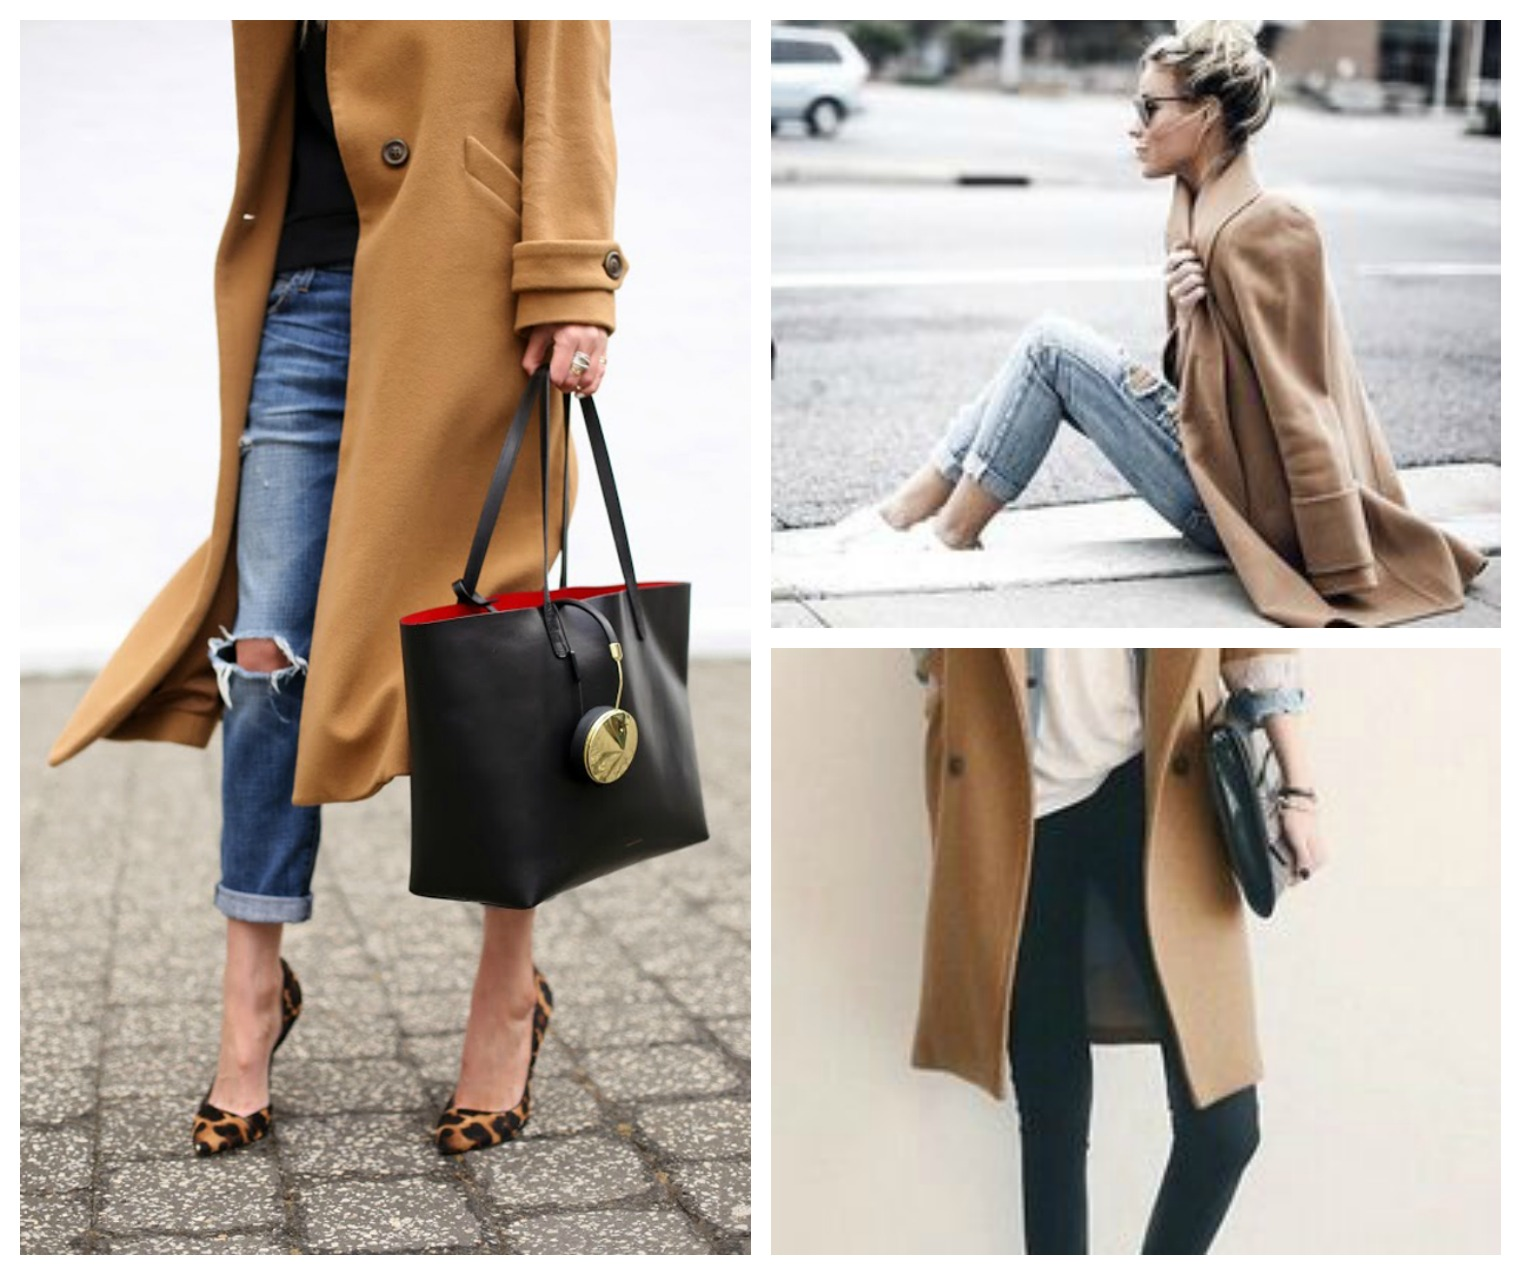 Style corner: come abbinare il cappotto cammello, alessia milanese, thechilicool, fashion blog, fashion blogger, come abbinare il cappotto cammello, alessia milanese, thechilicool, fashion blog, fashion blogger